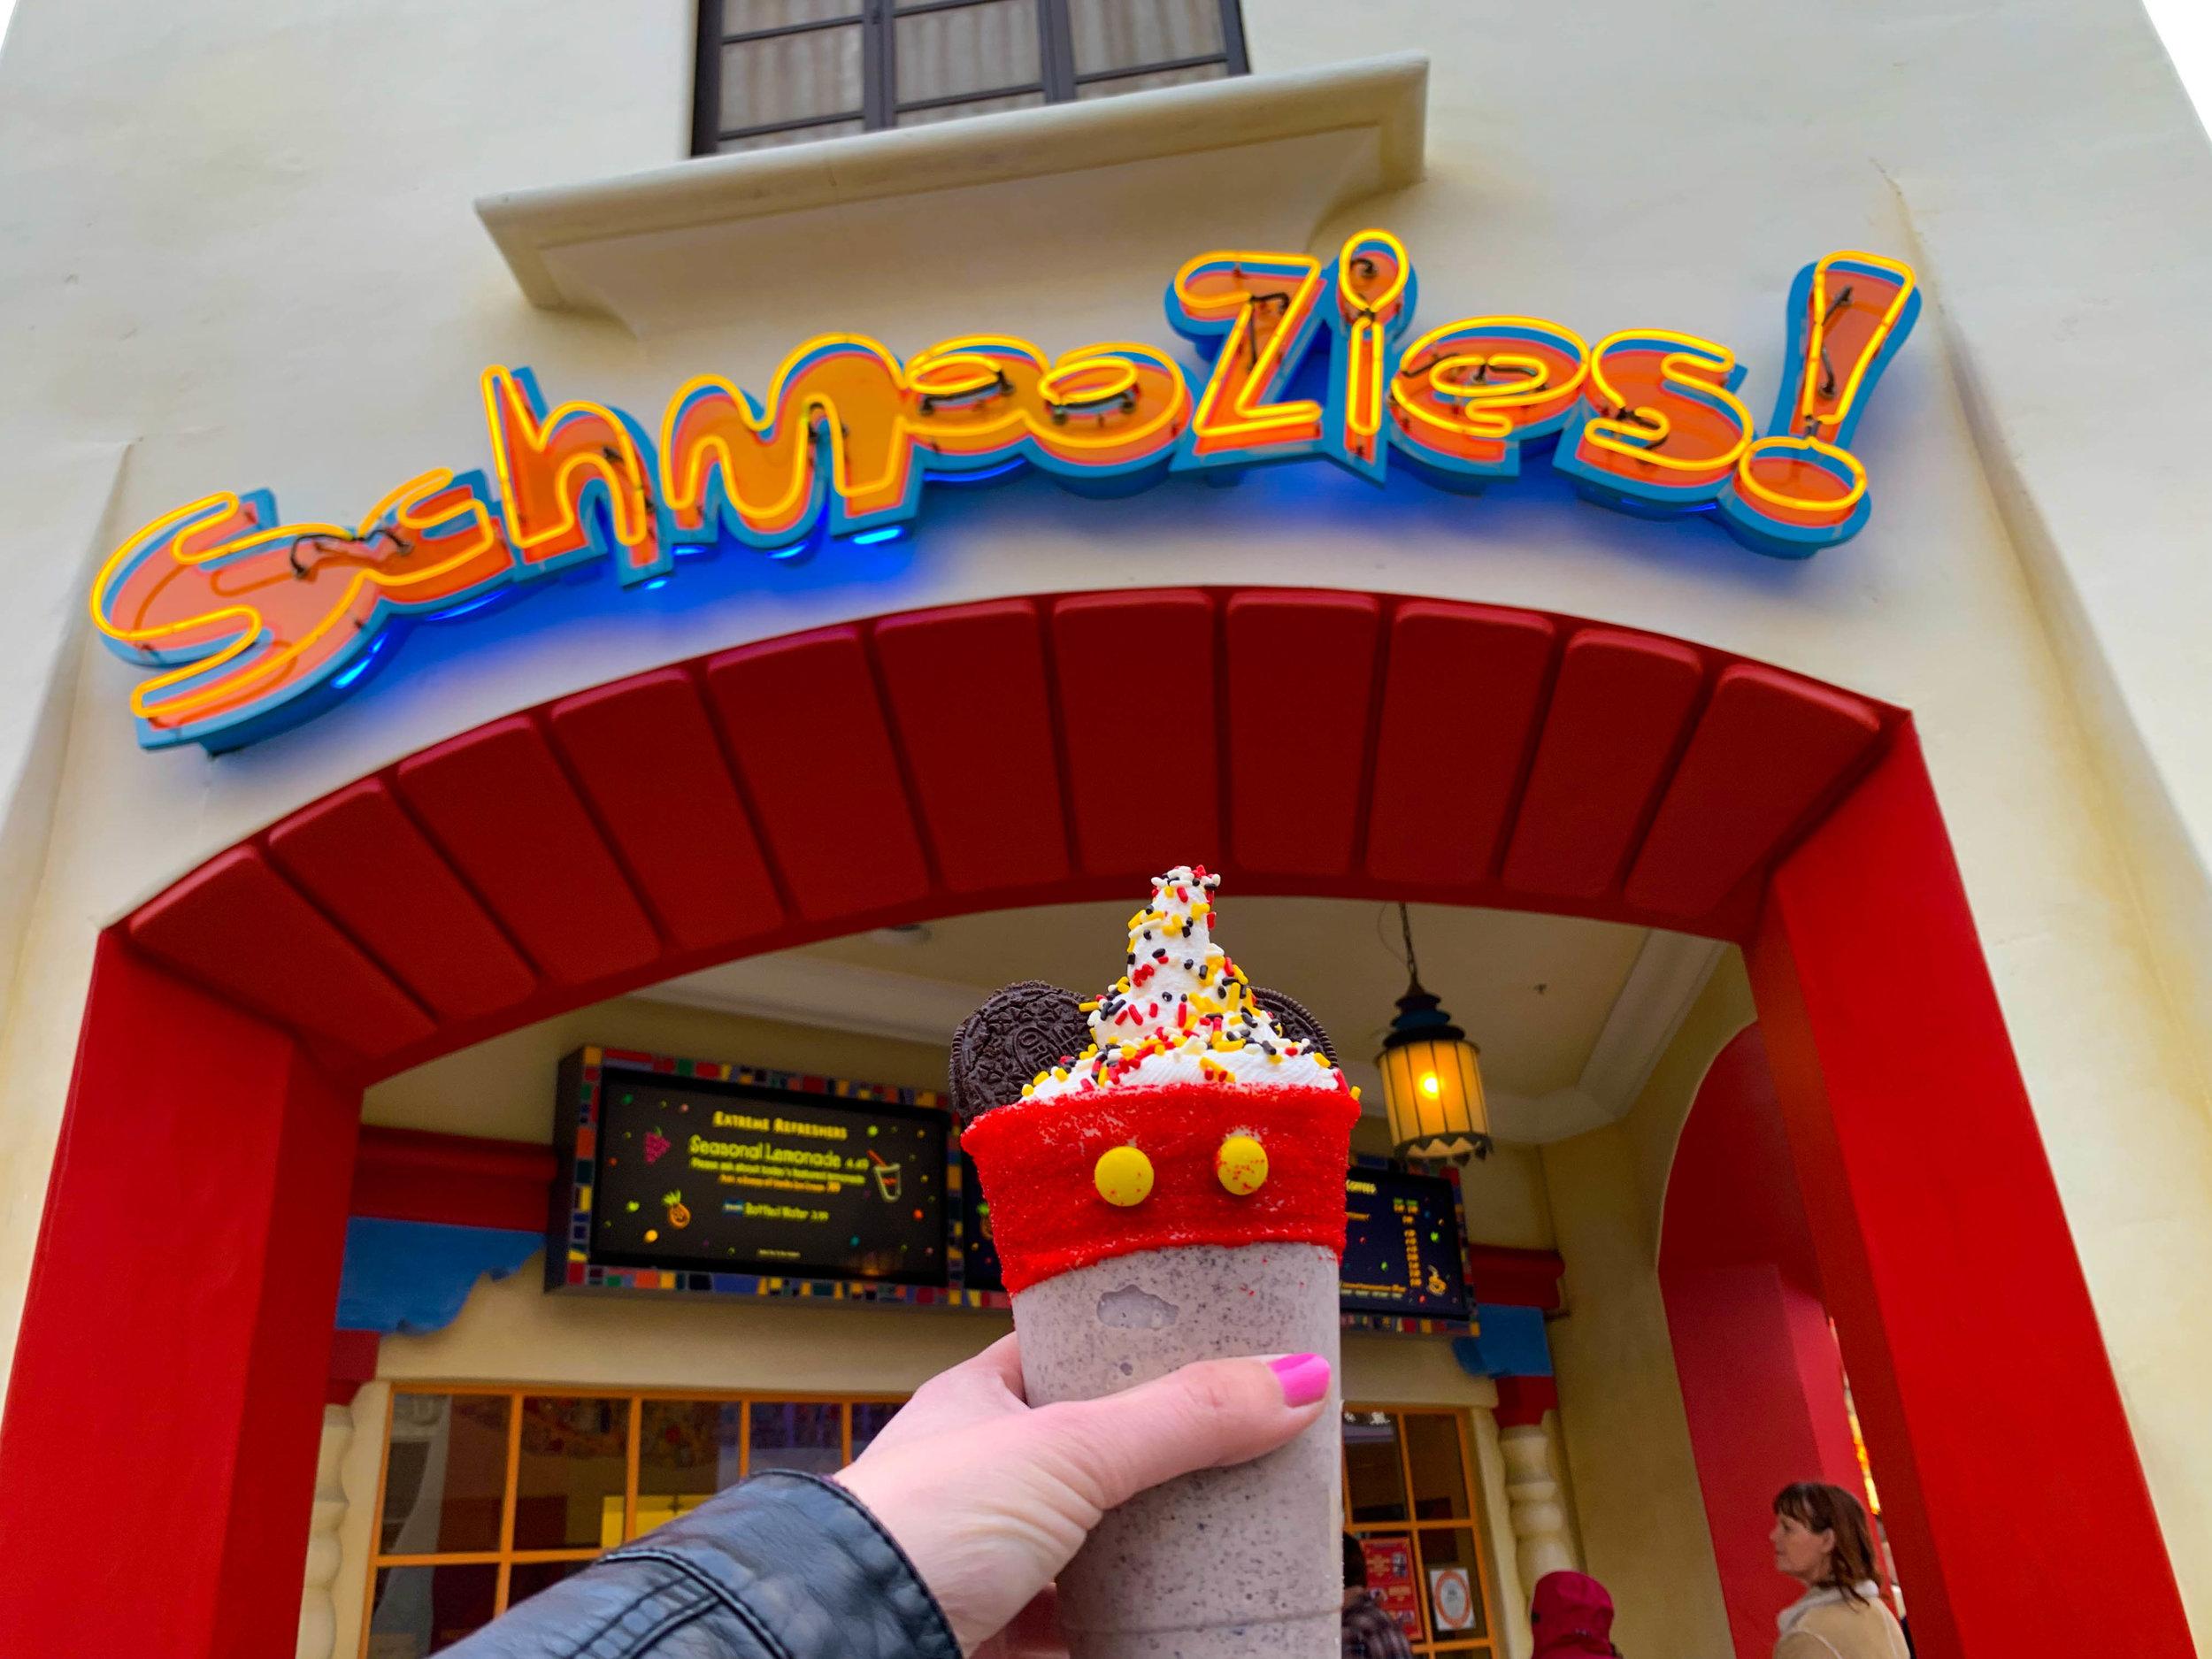 Disneyland Ice Cream-Schmoozies Mickey Ice Cream Milkshake.jpg